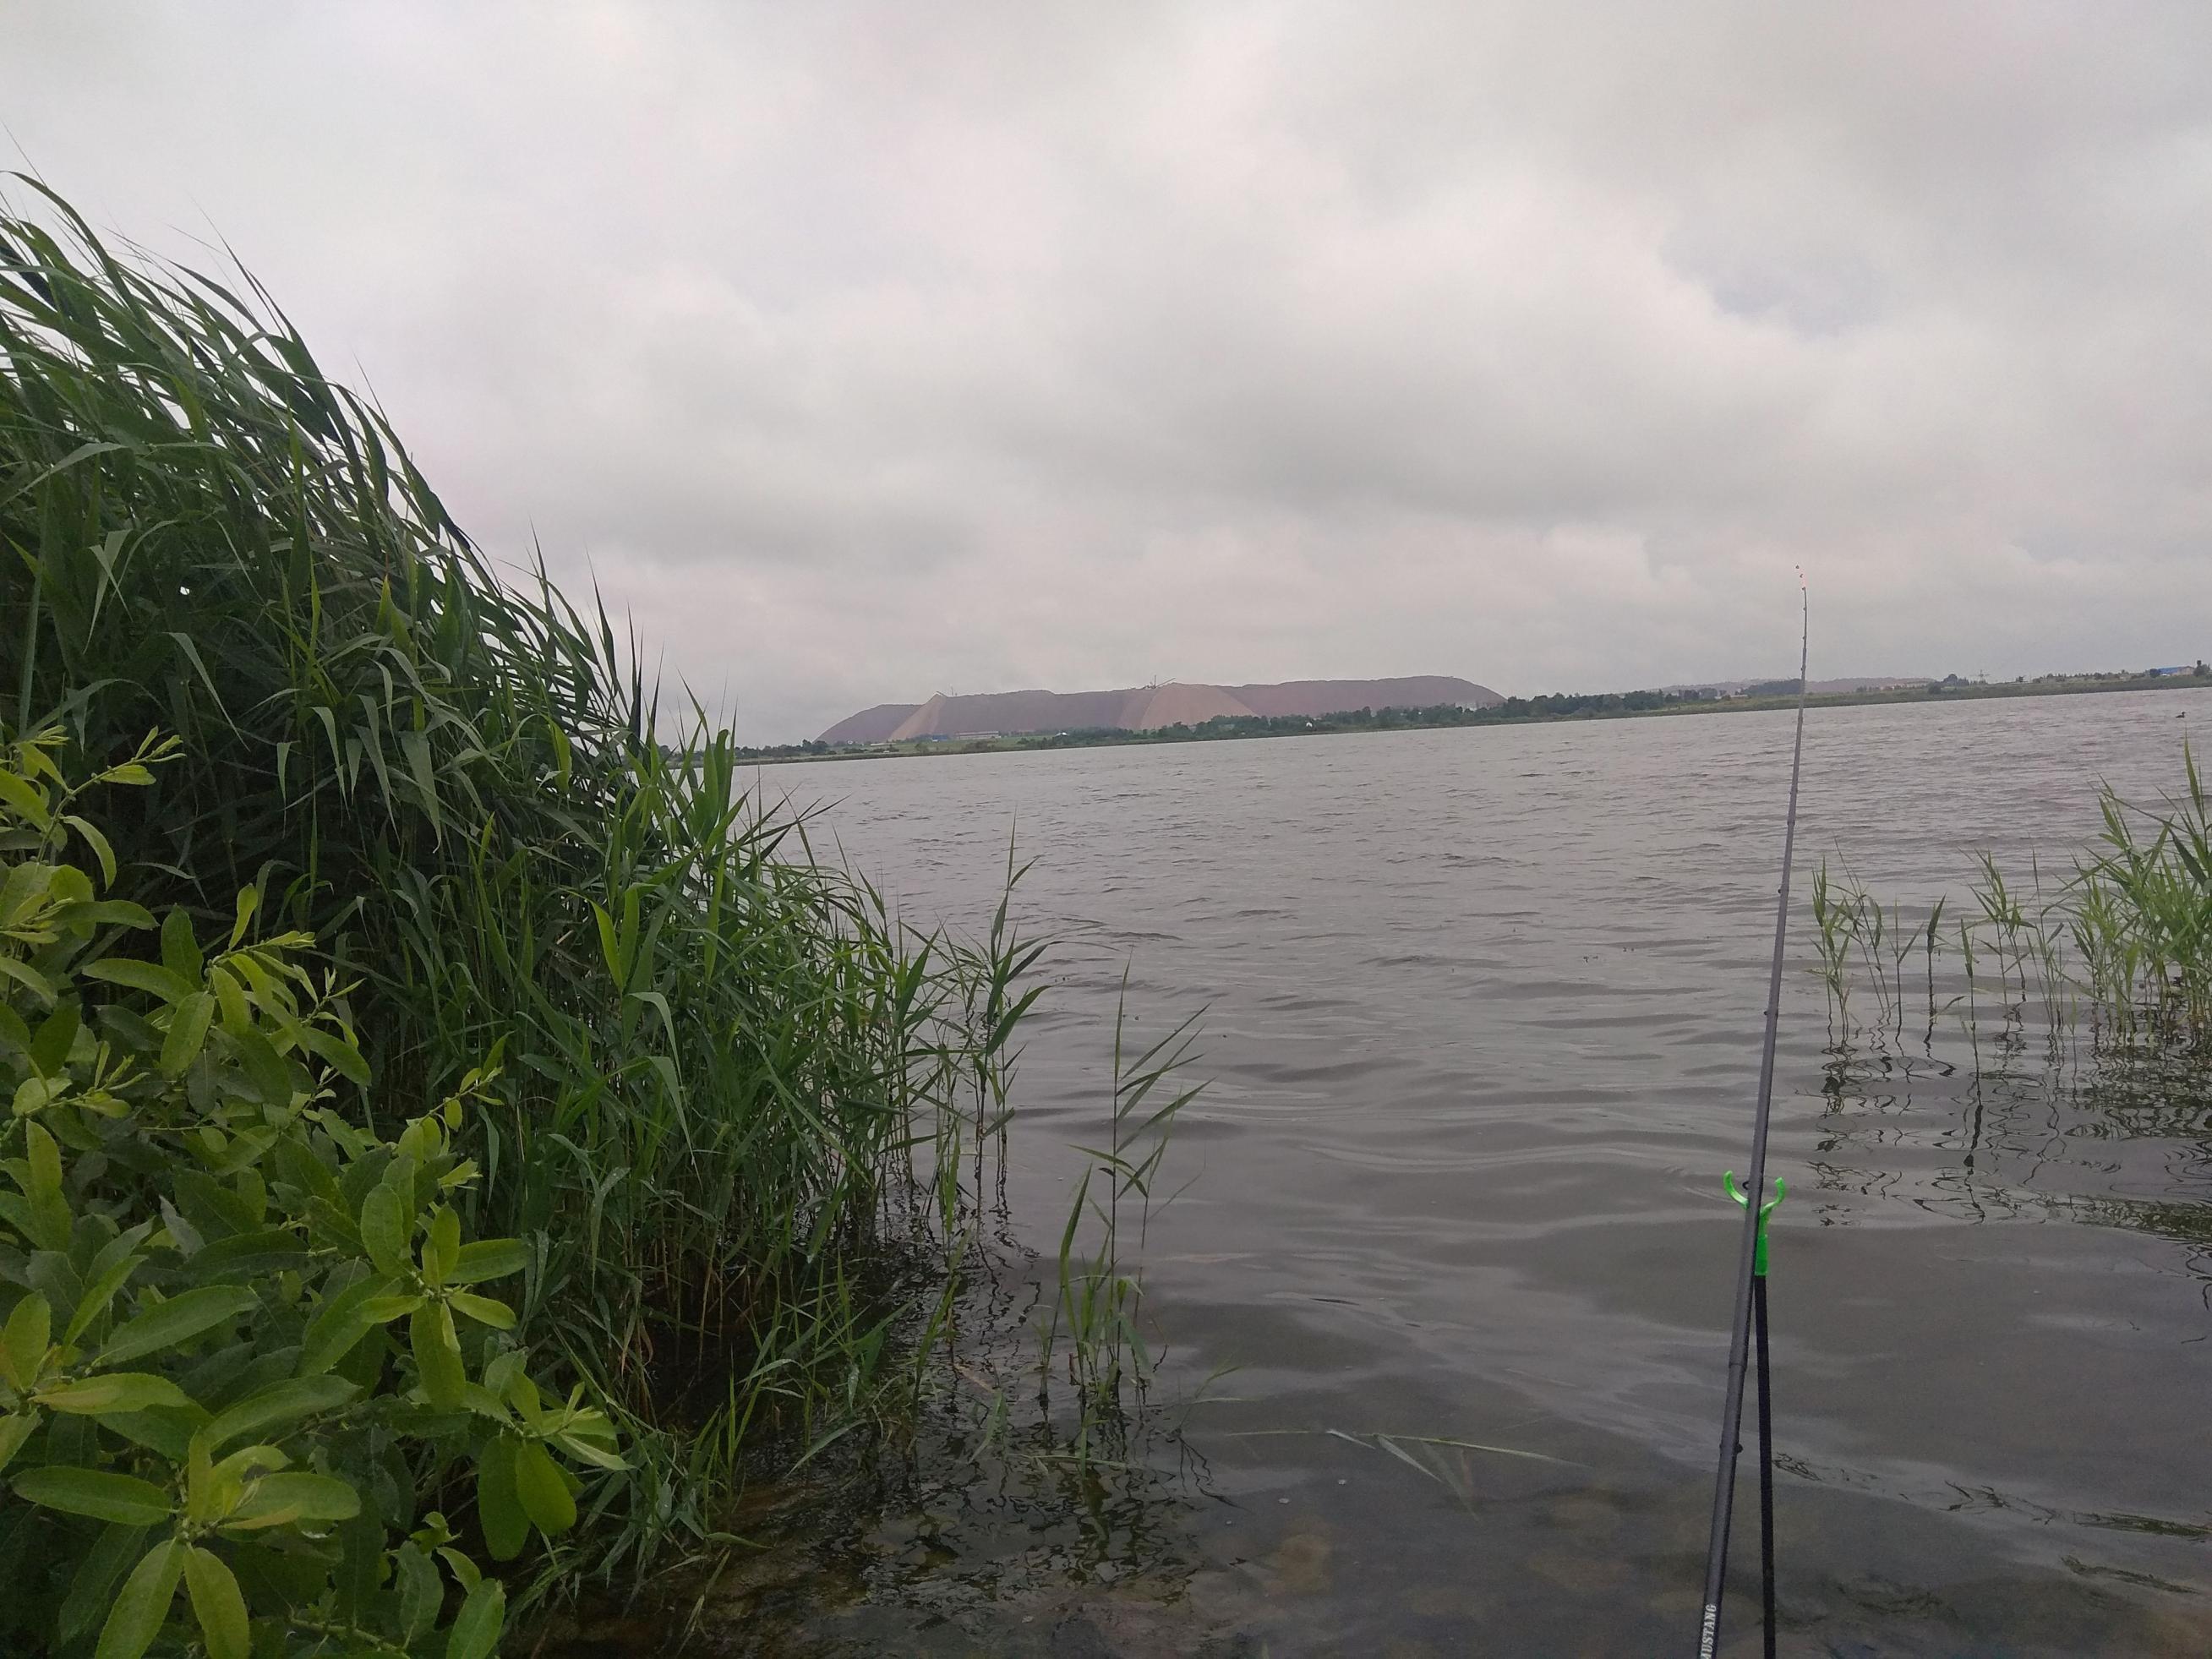 Сегодня утром приехал опять на Случь, вчера уезжал ... | Отчеты о рыбалке в Беларуси